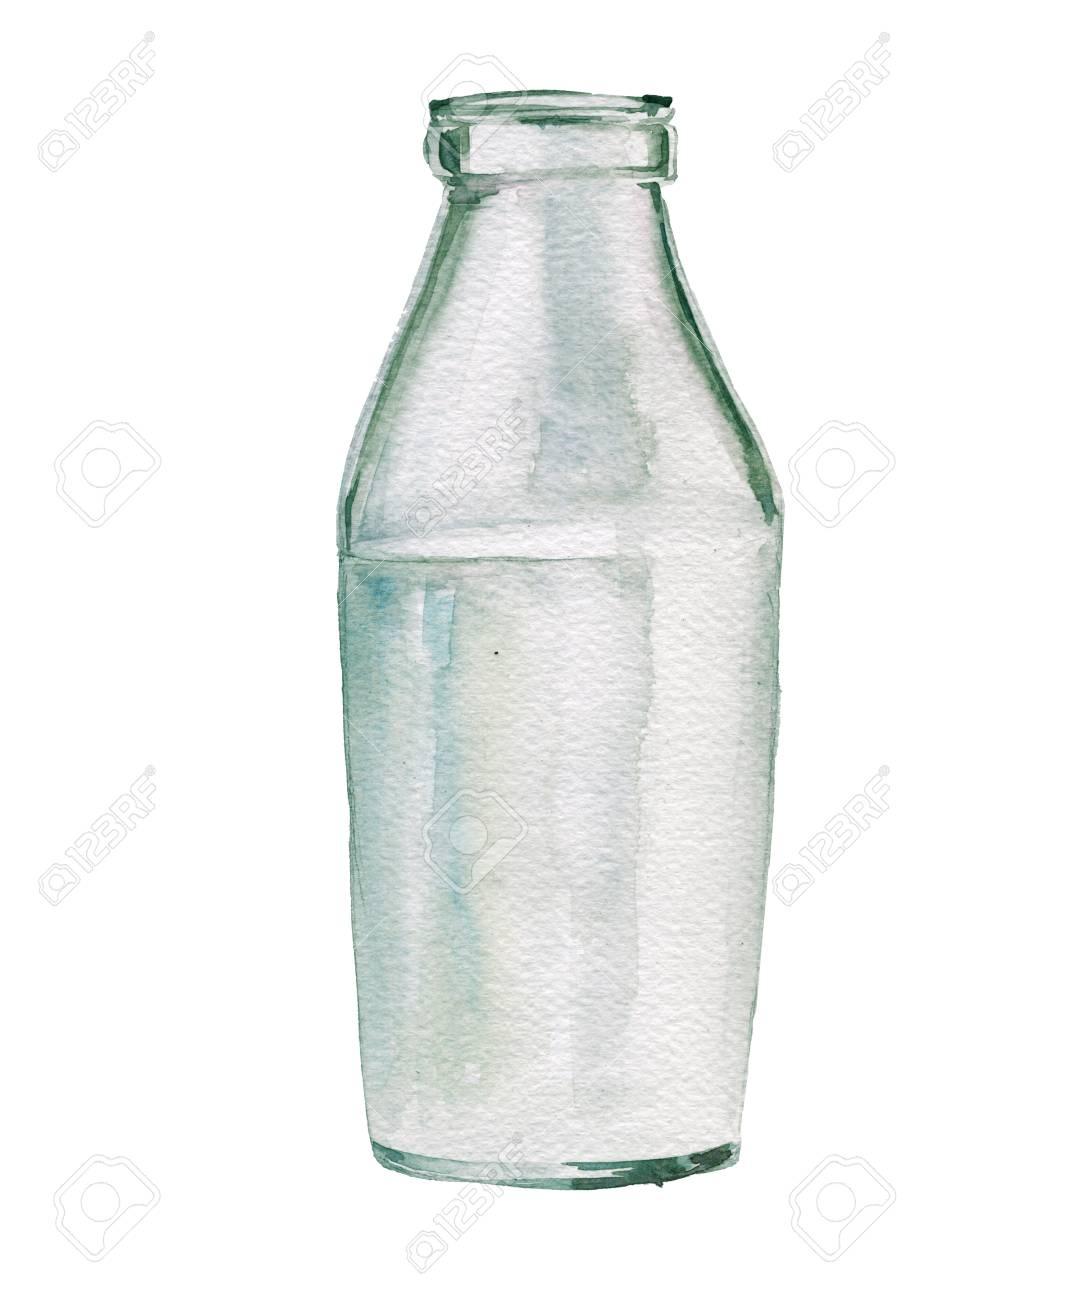 ガラス瓶の牛乳水彩イラスト白い背景上に分離 の写真素材画像